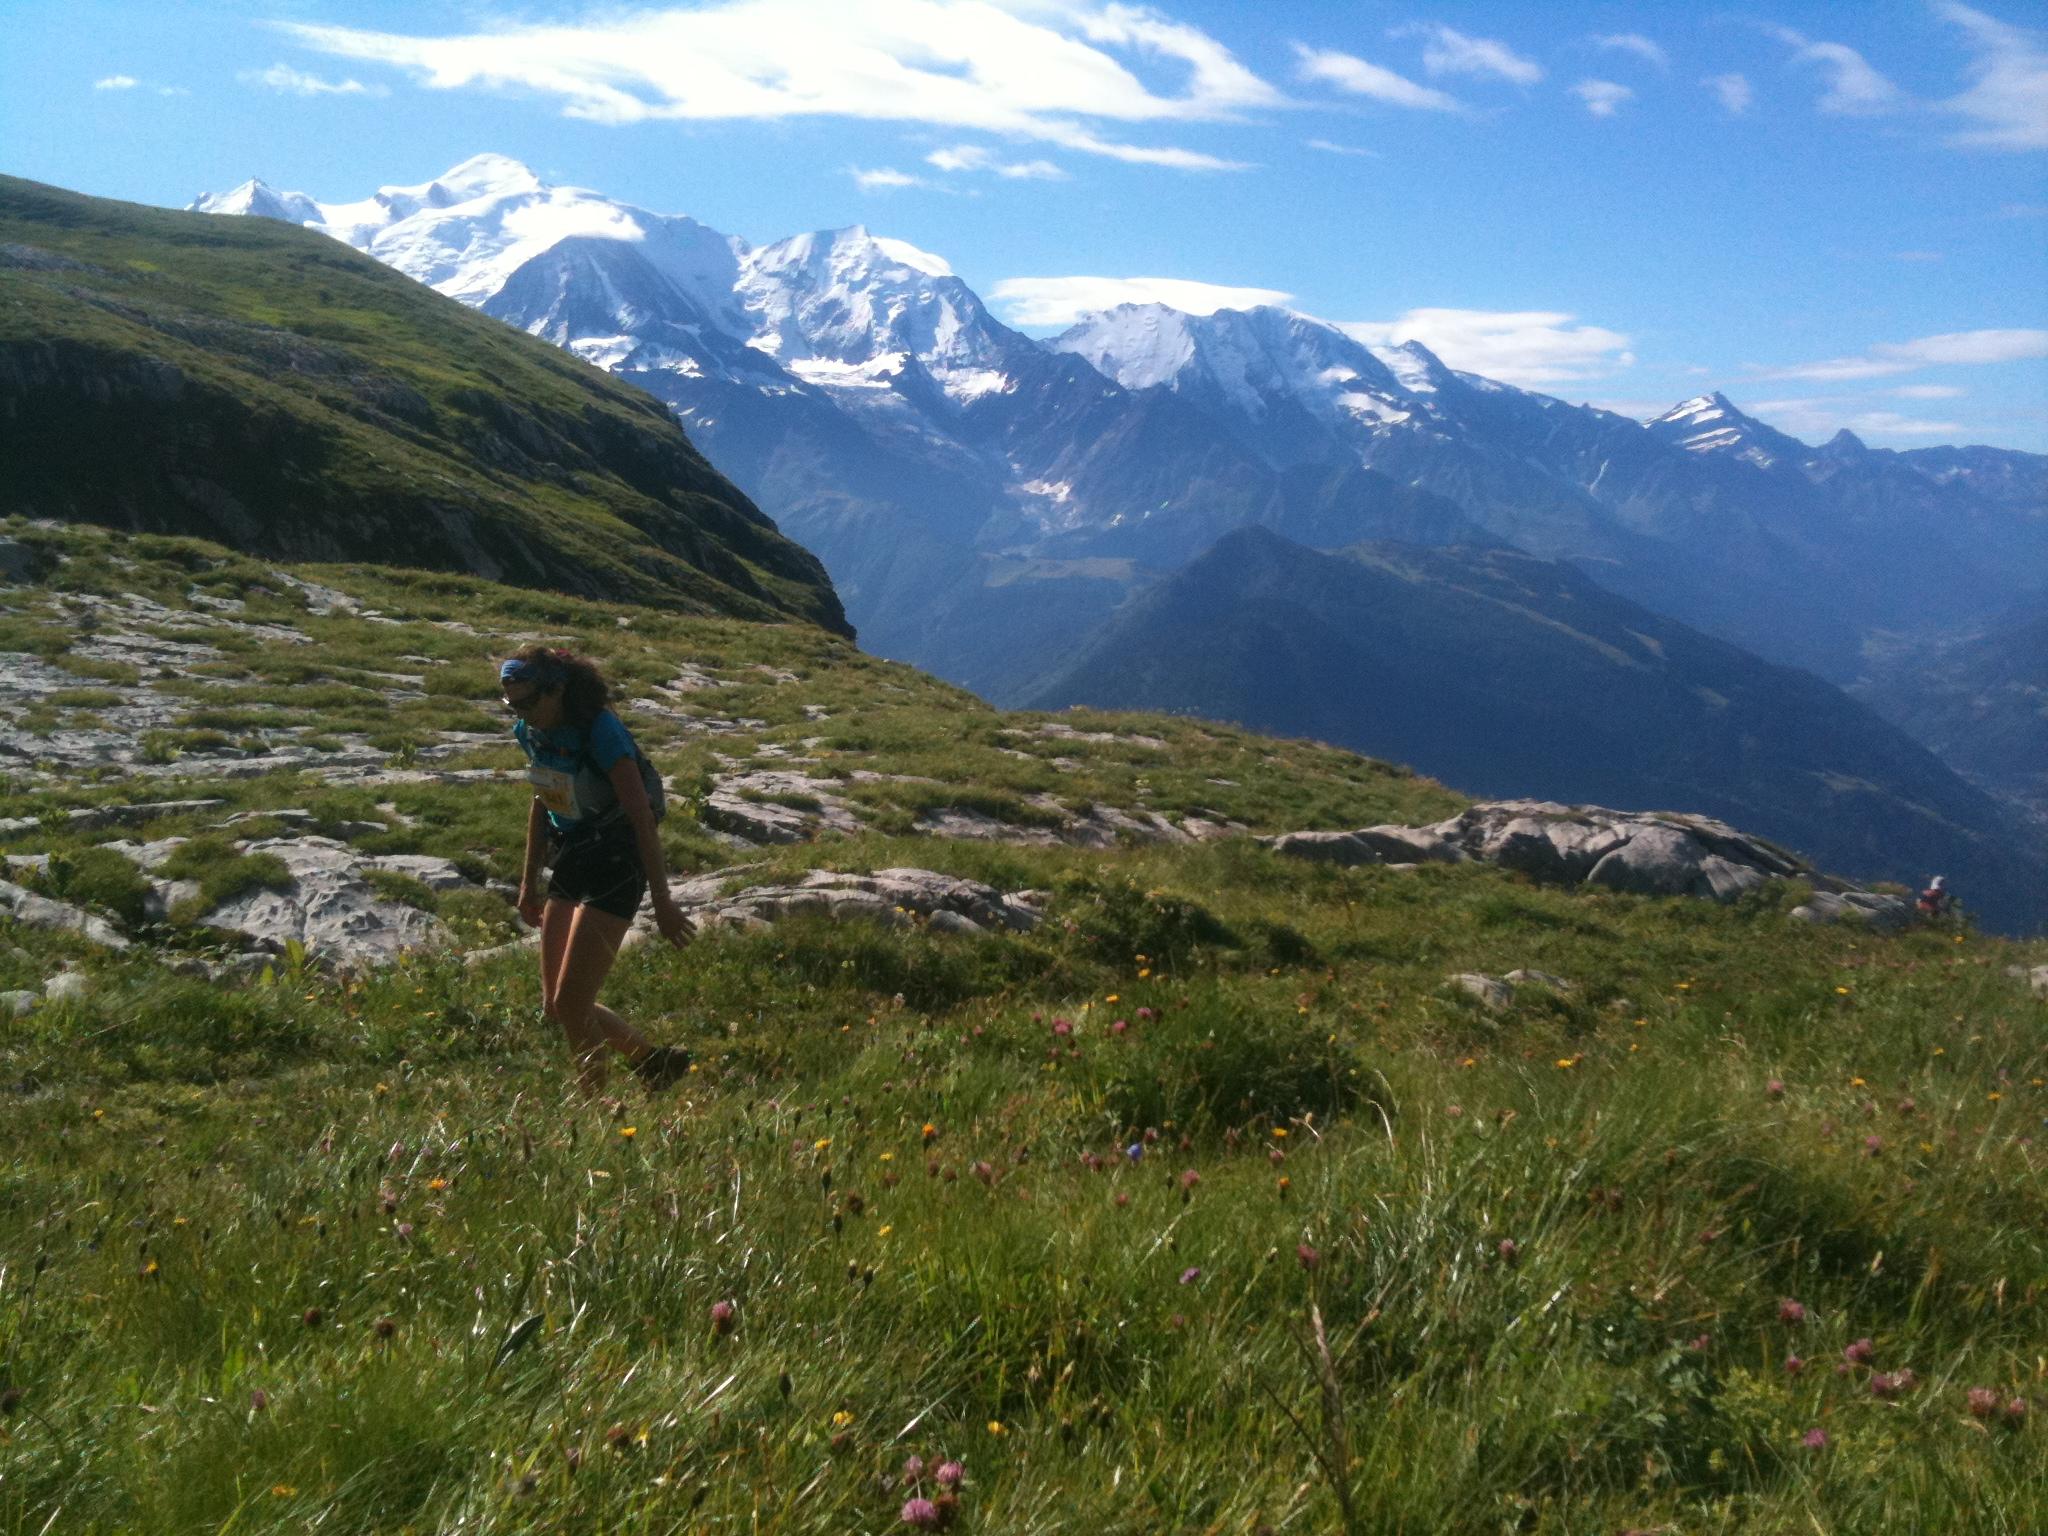 Sandrine arrive sur le Désert de Platé, avec le Mont Blanc toujours en toile de fond